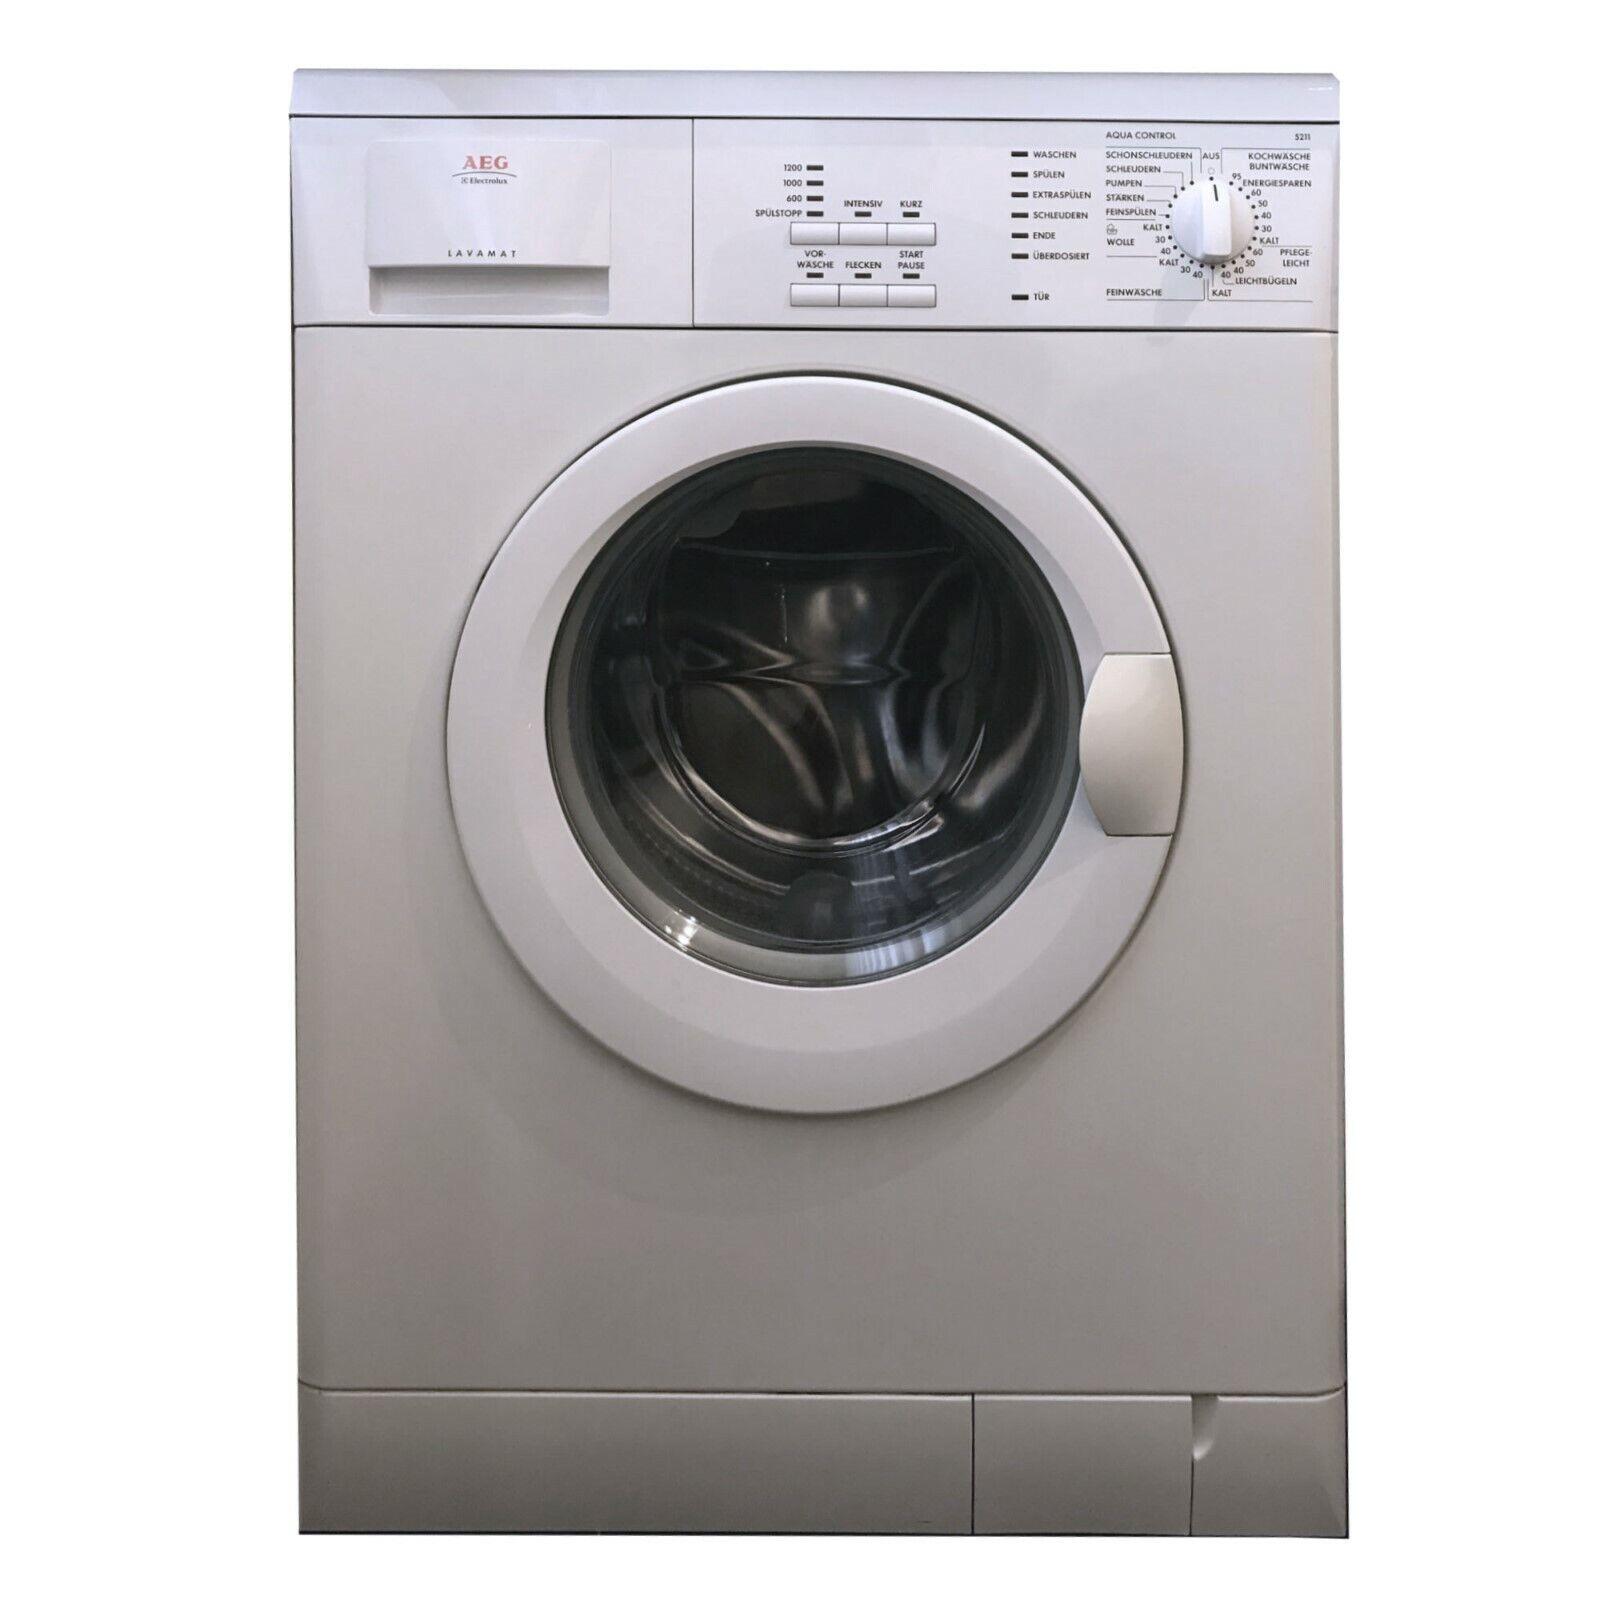 Waschmaschine AEG/Electrolux Lavamat 5211 Waschvollautomat